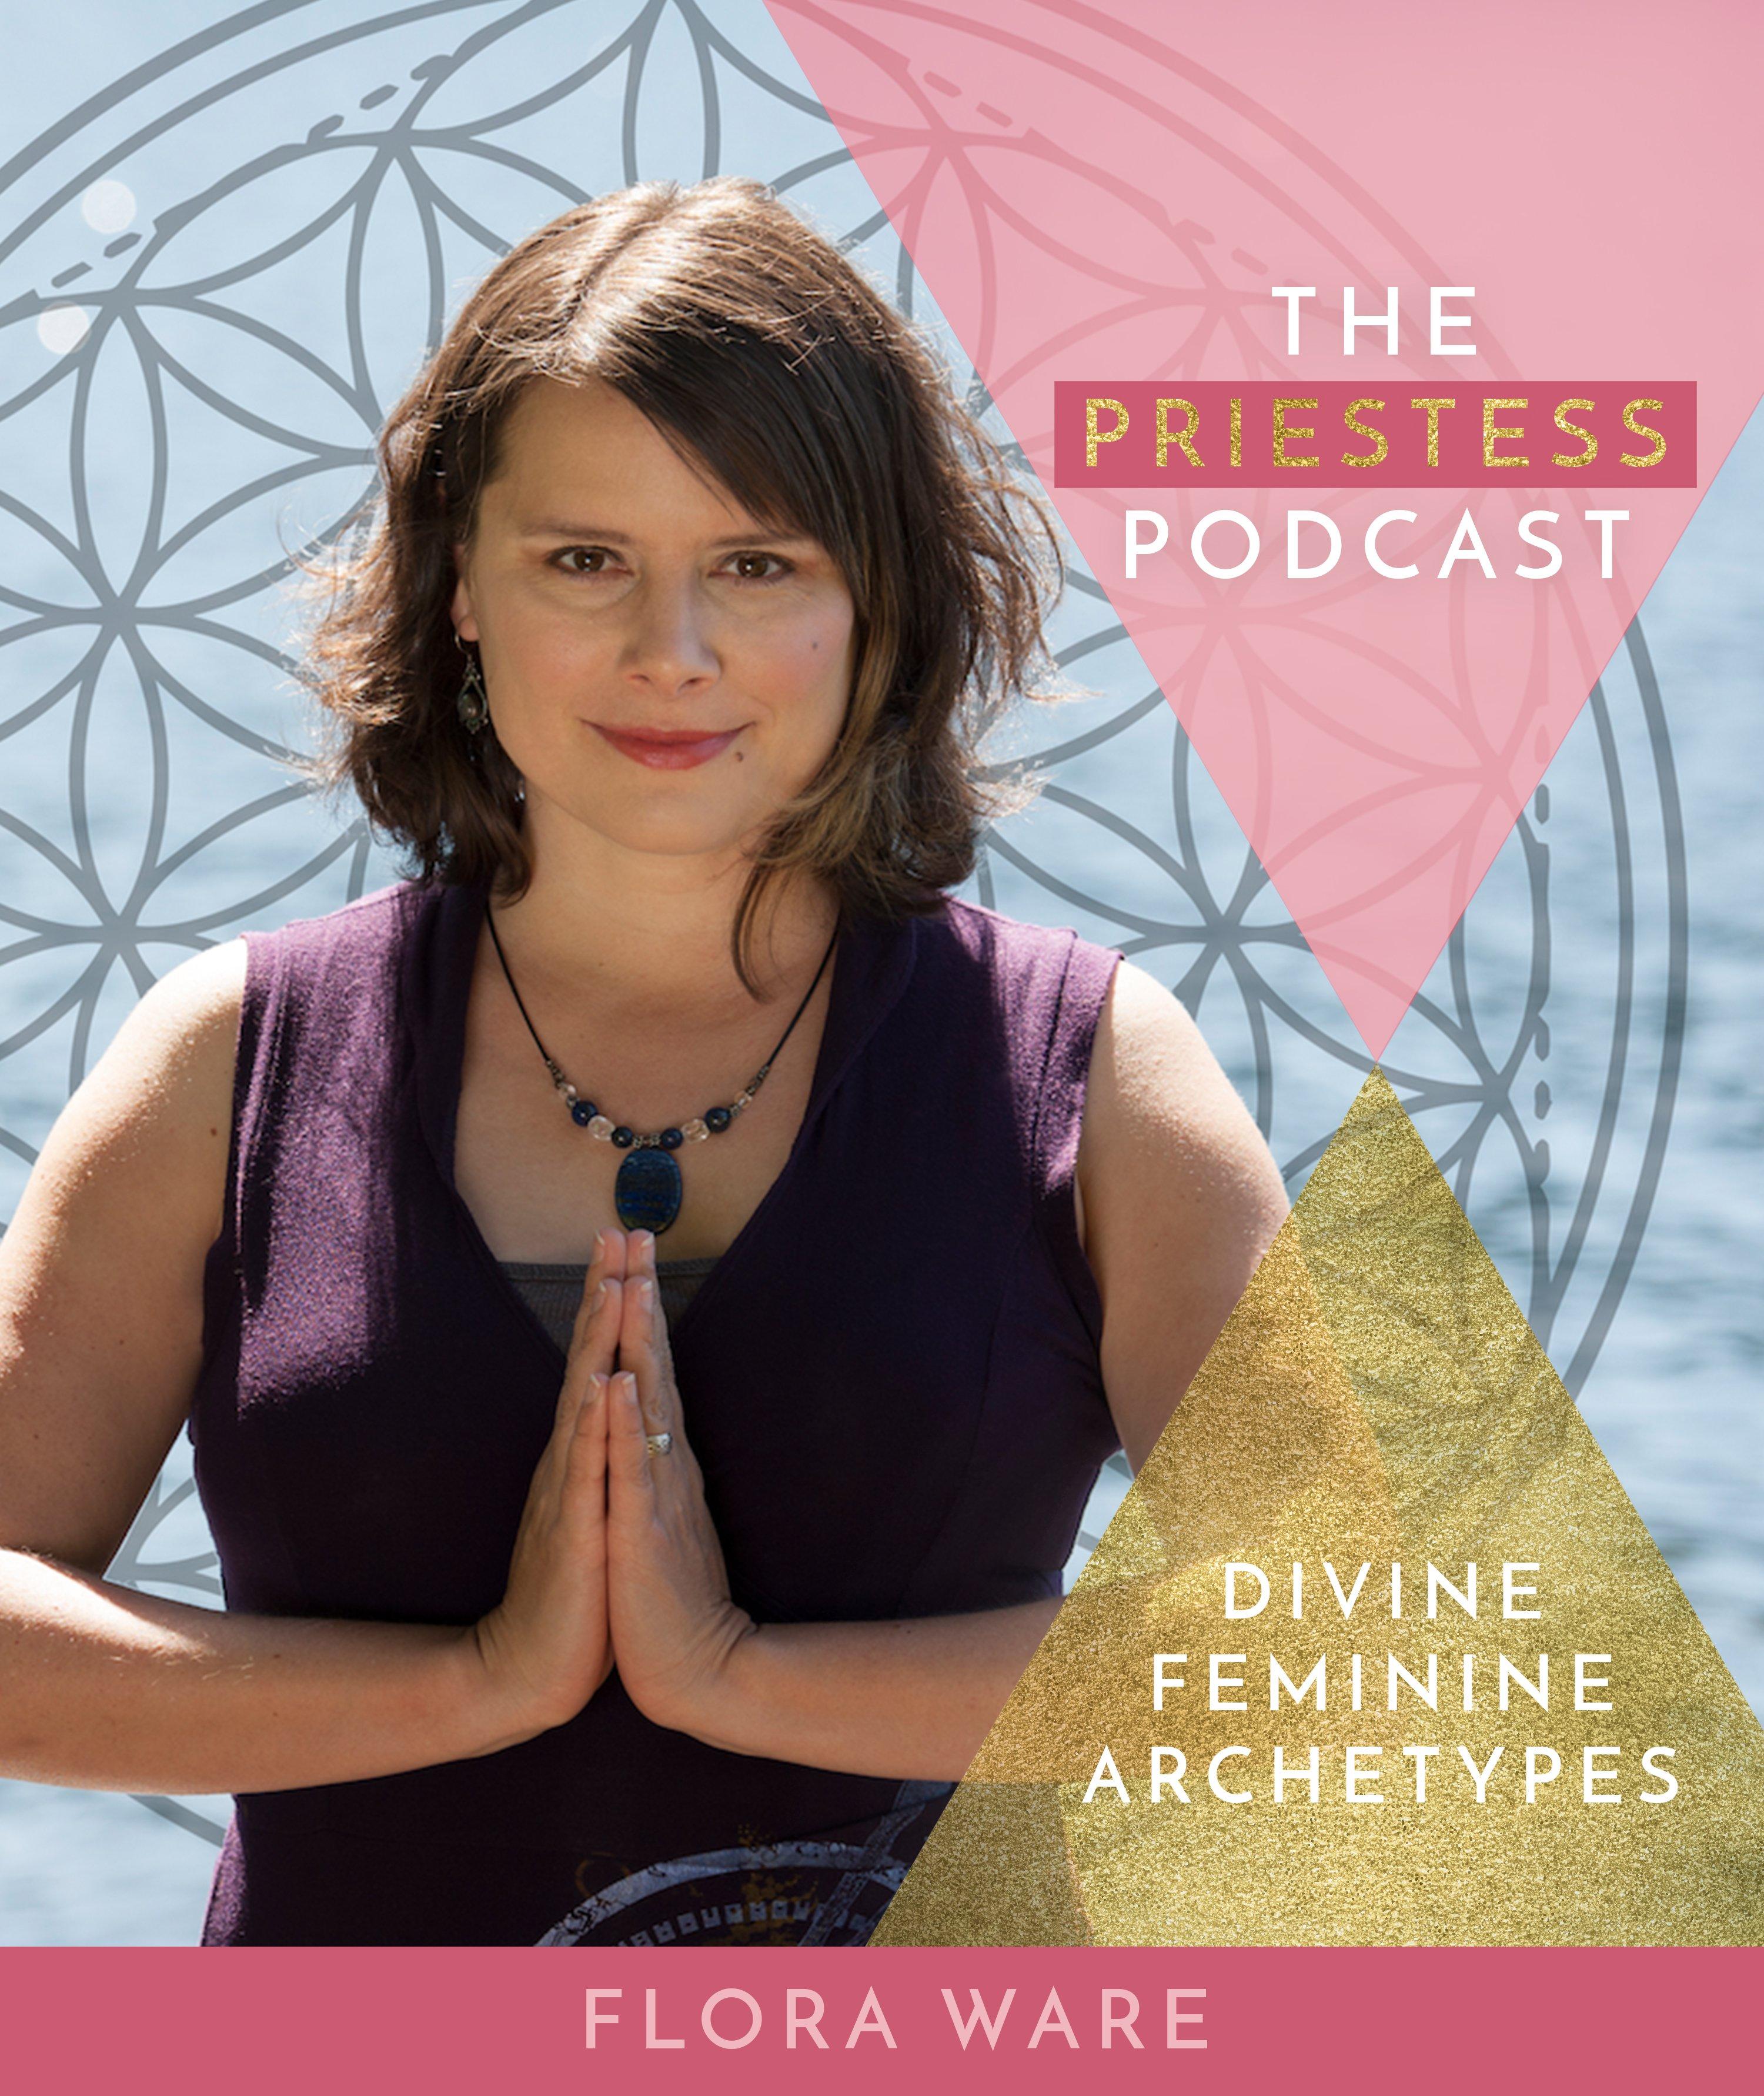 Flora Ware on Divine Feminine Archetypes